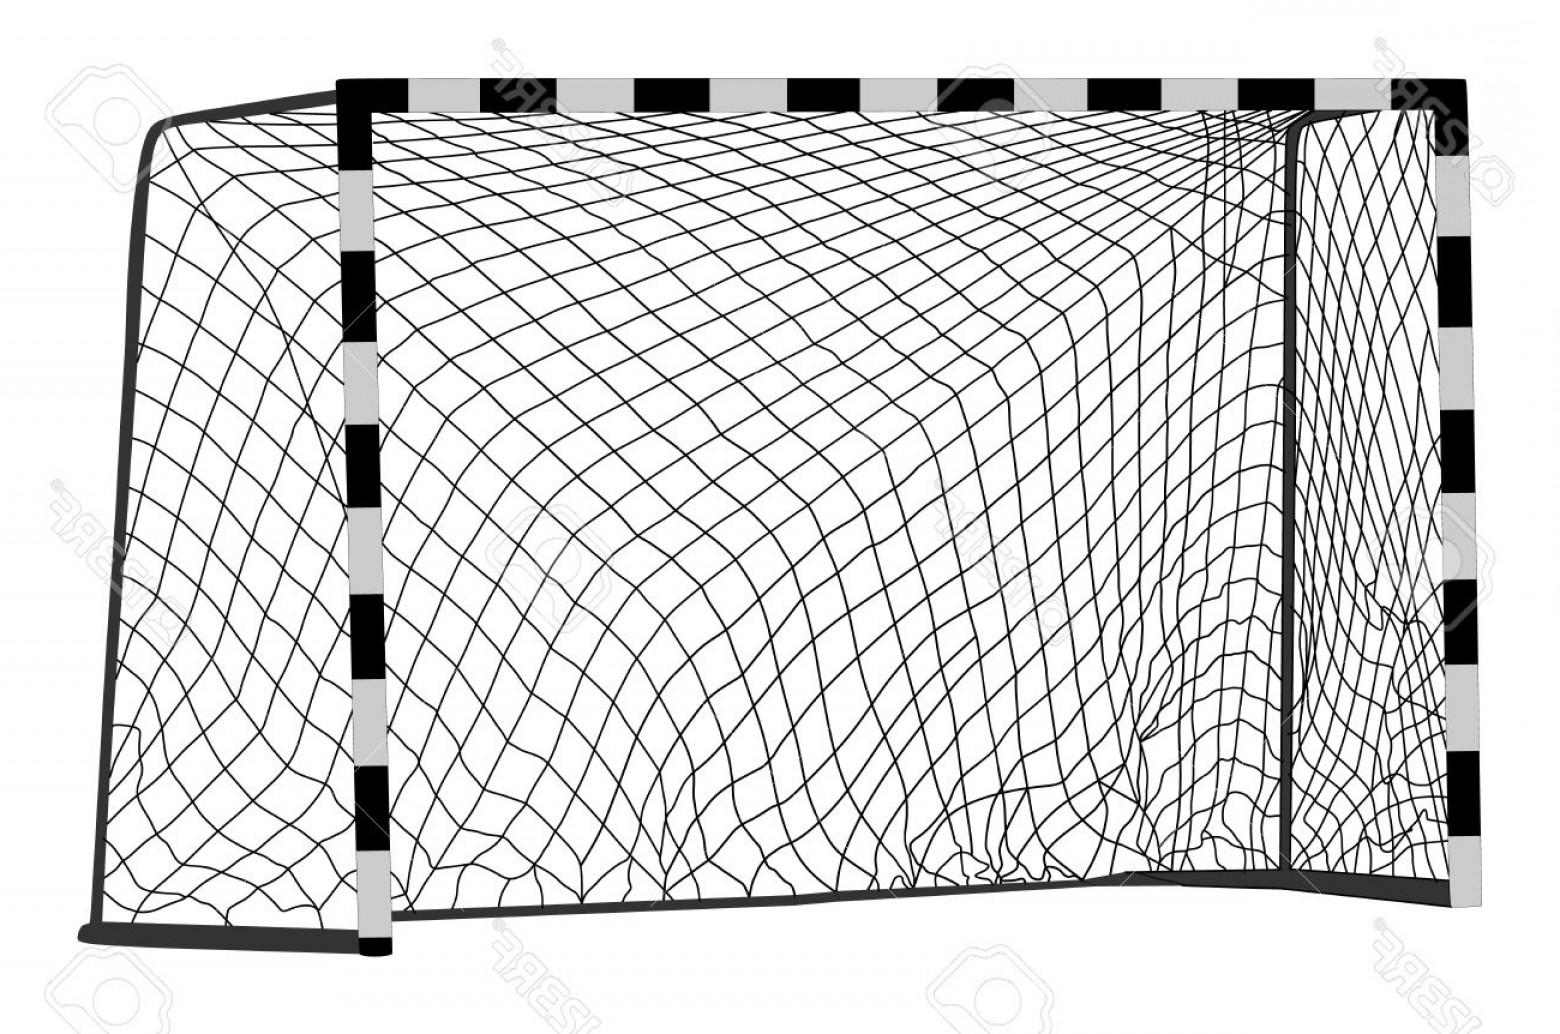 1560x1034 Photostock Vector Soccer Goal Vector Handball Vector Construction